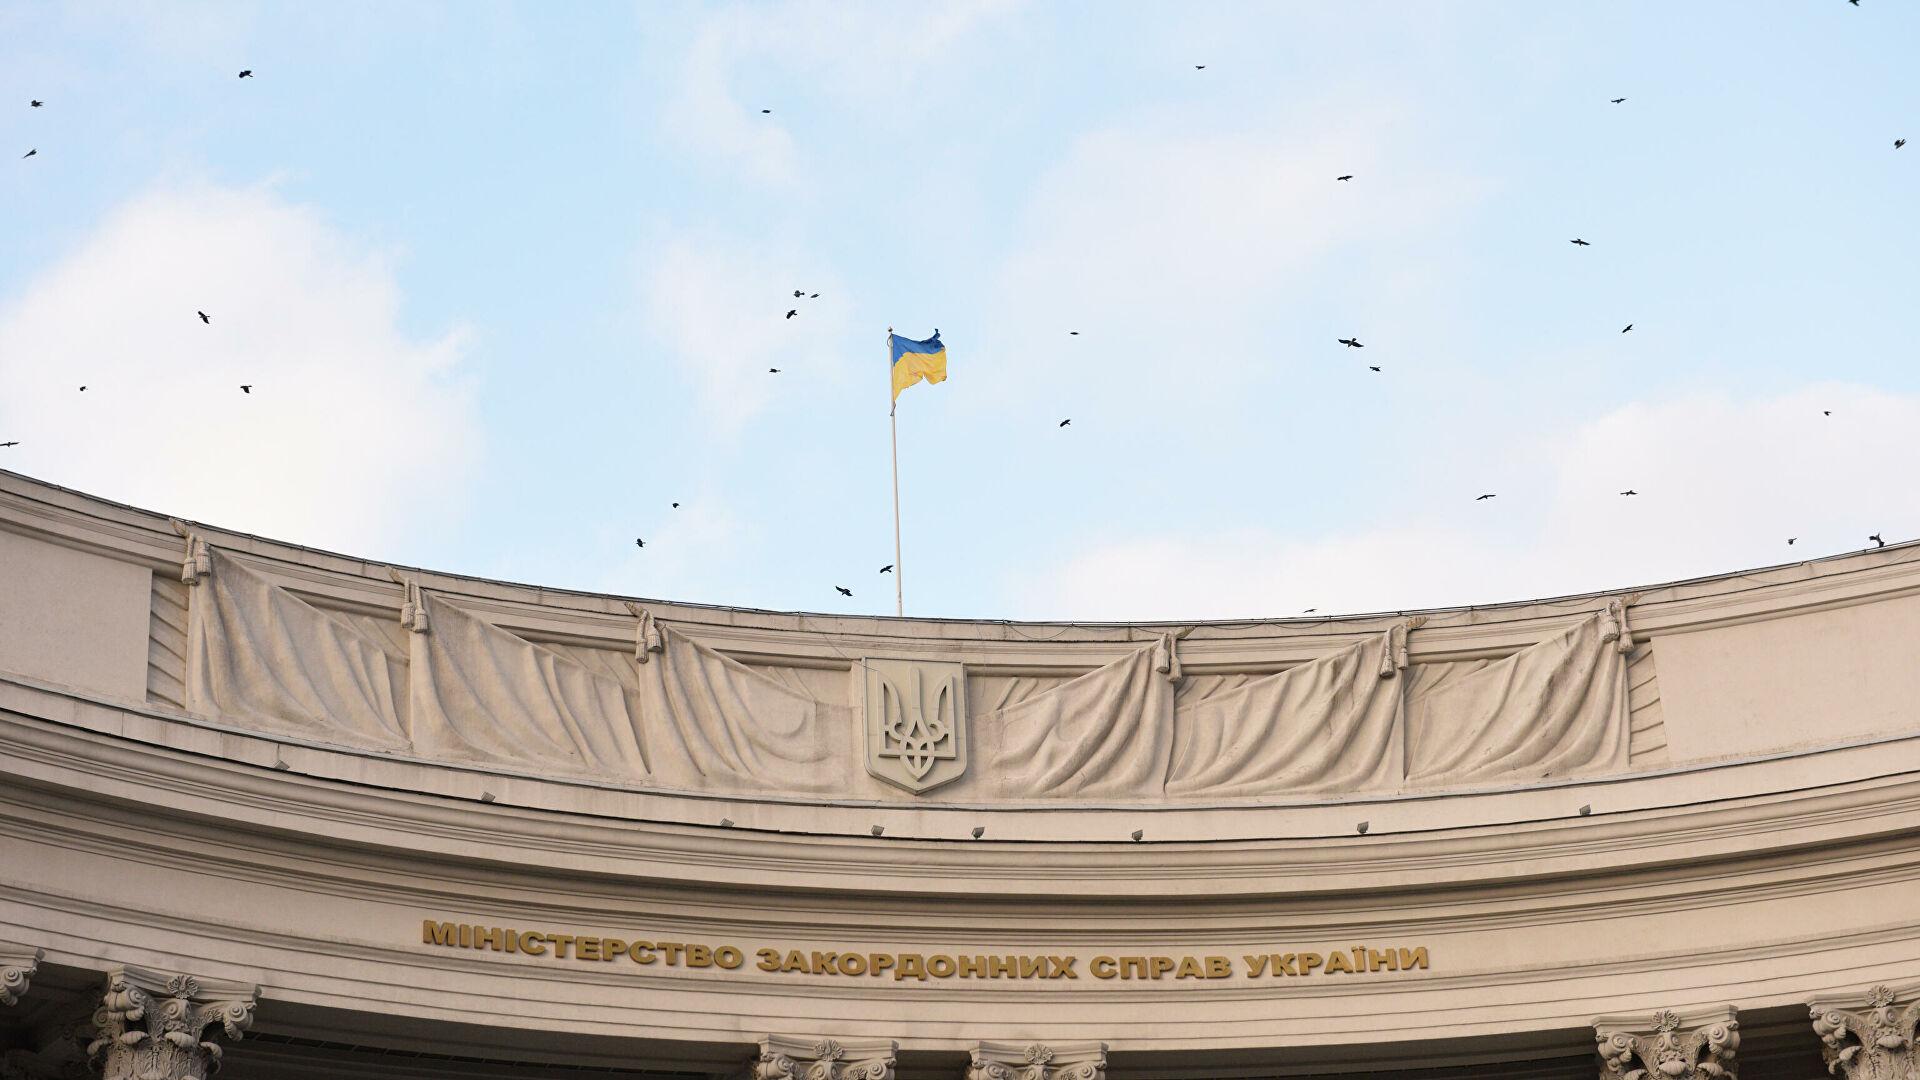 """Кијев сматра """"правно неважећим"""" указ председника Путина којим се странцима забрањује поседовање земље на Криму"""